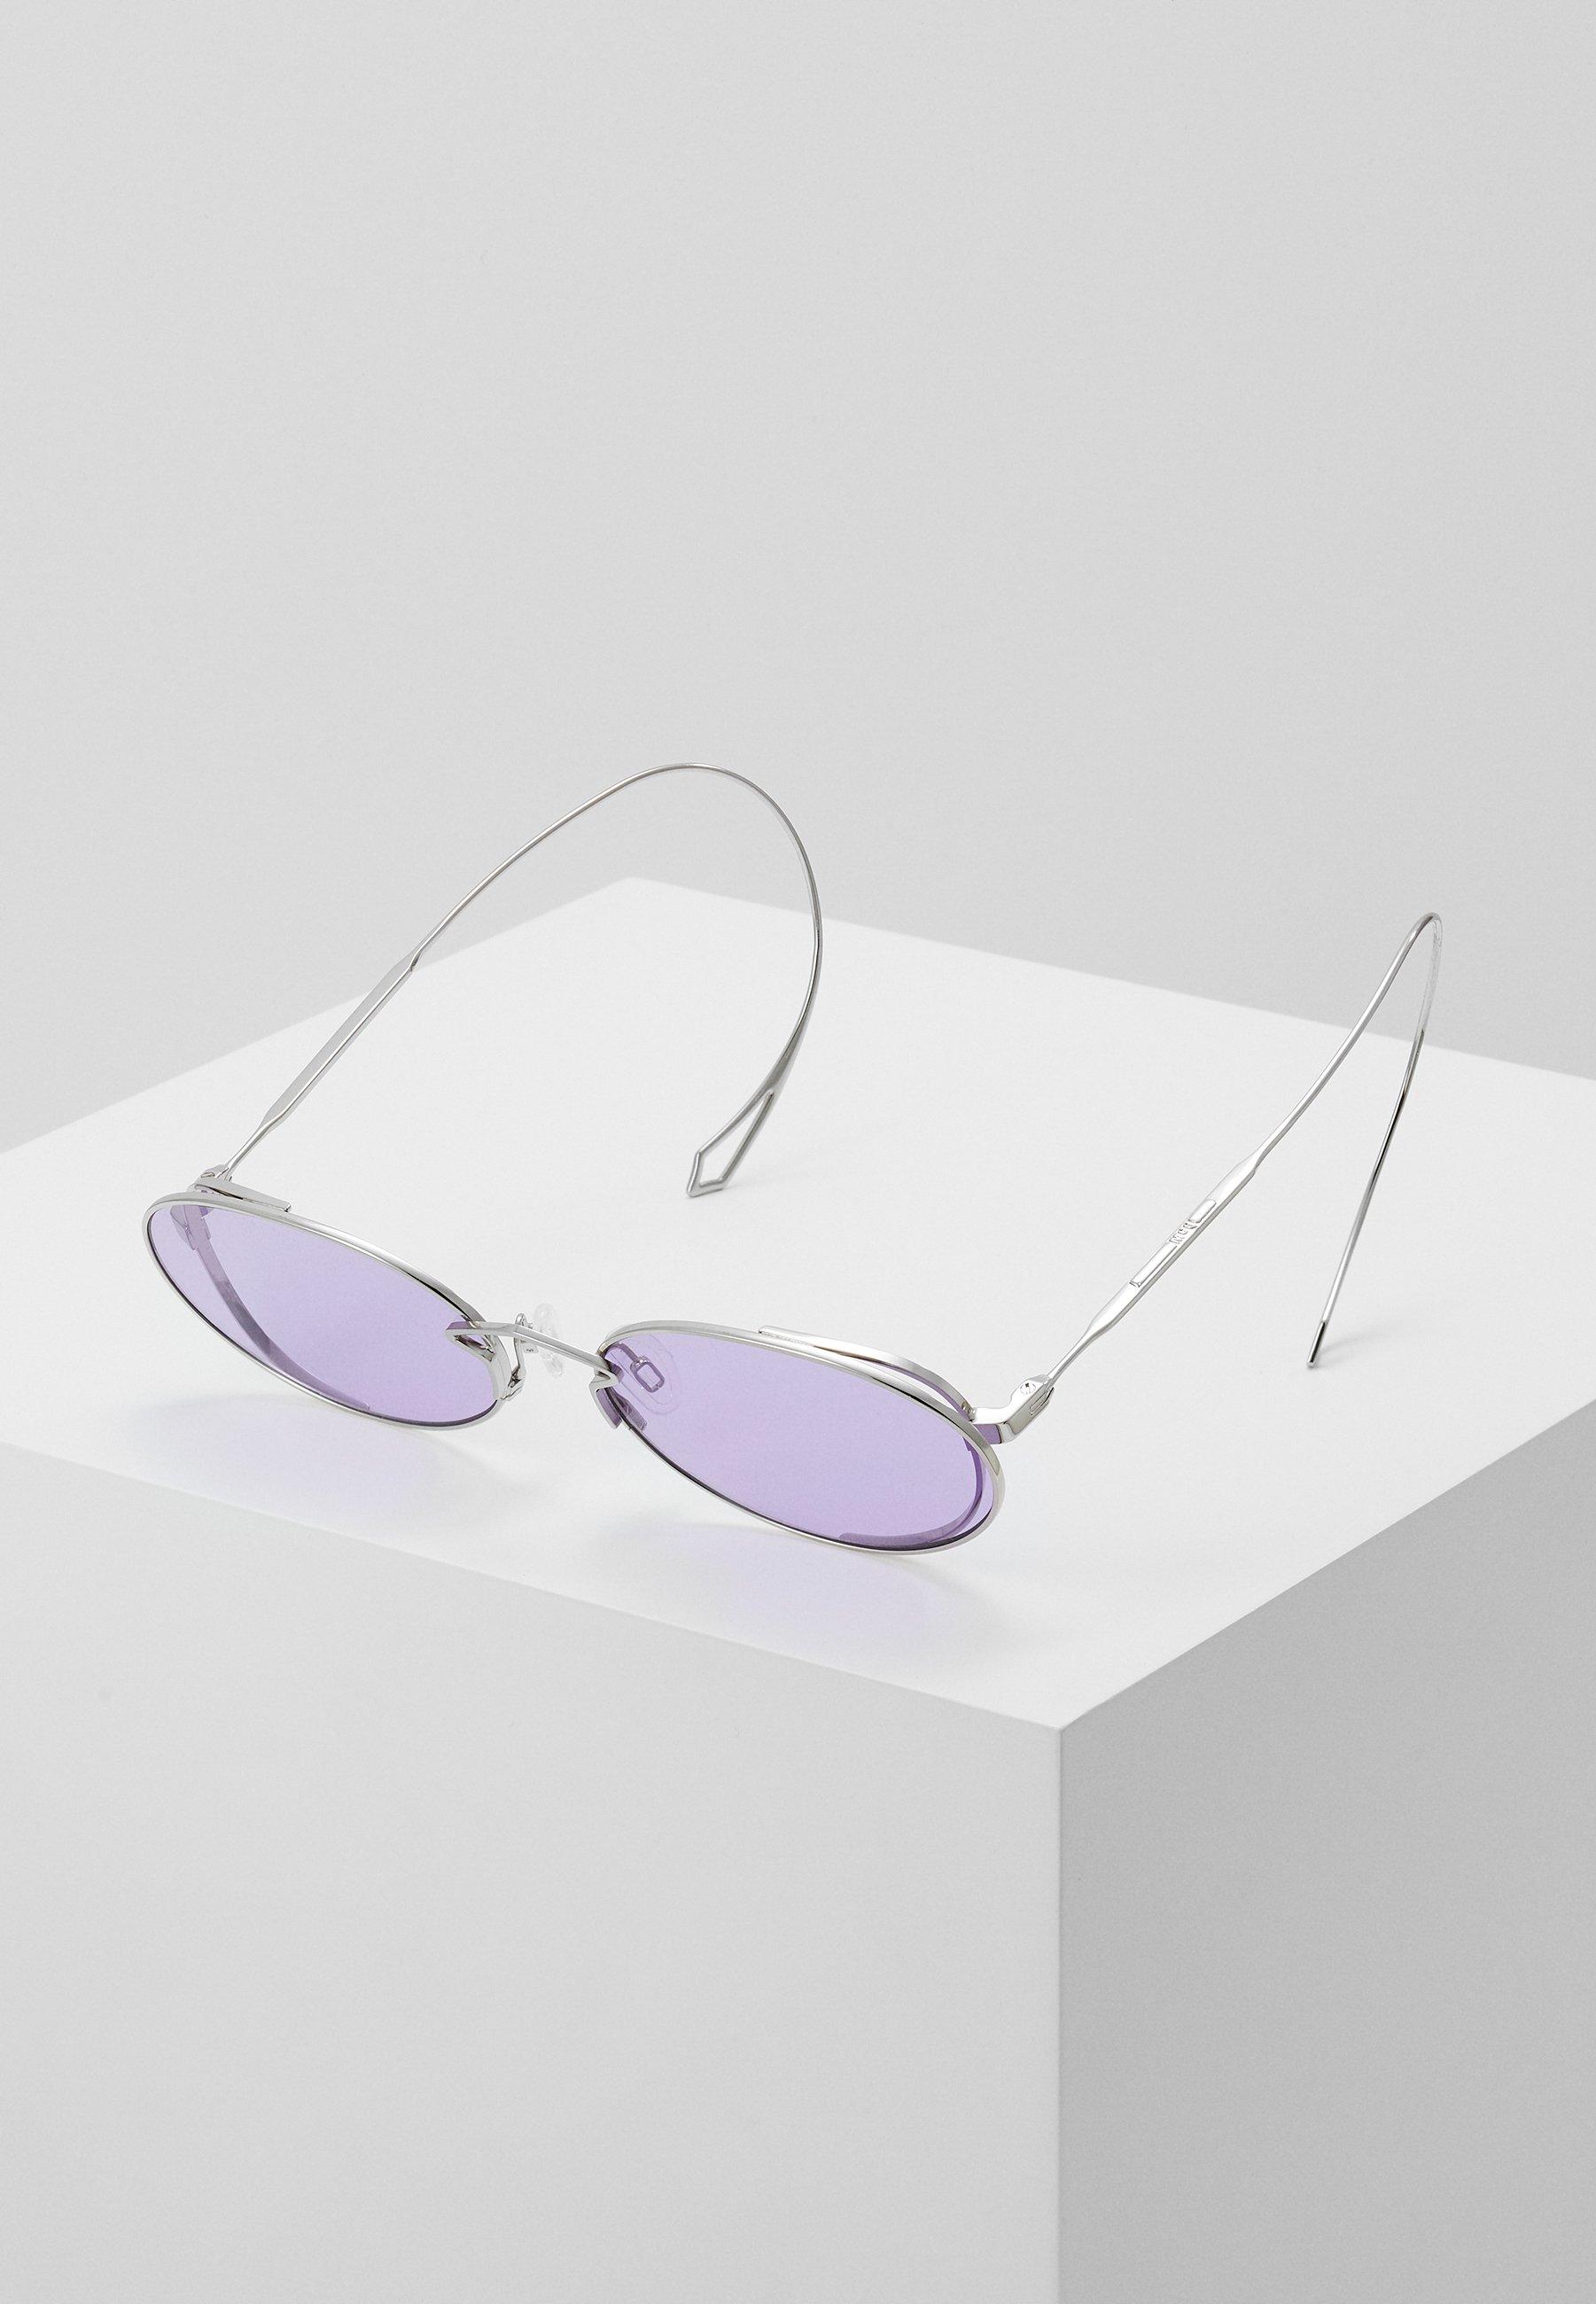 Cena fabryczna Gorąca wyprzedaż McQ Alexander McQueen Okulary przeciwsłoneczne - silver-coloured/violet | Akcesoria damskie 2020 DCXnO